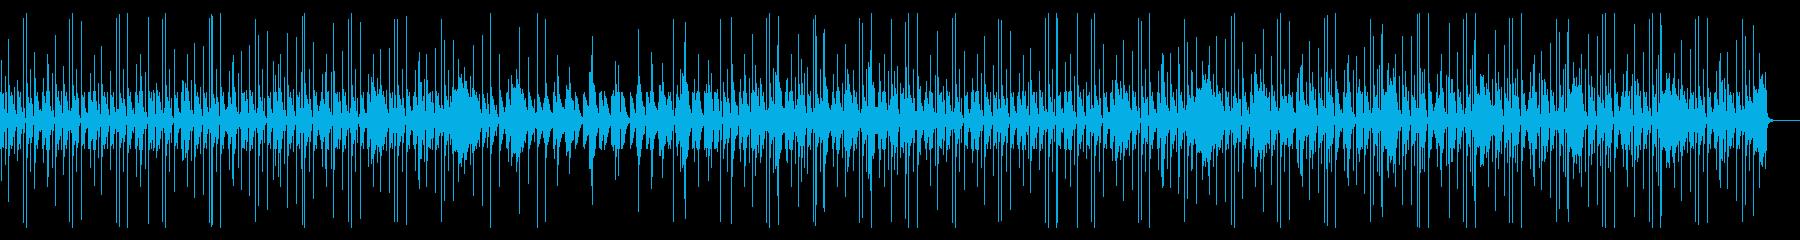 緊張感のあるCM,企業動画向け電子音楽の再生済みの波形